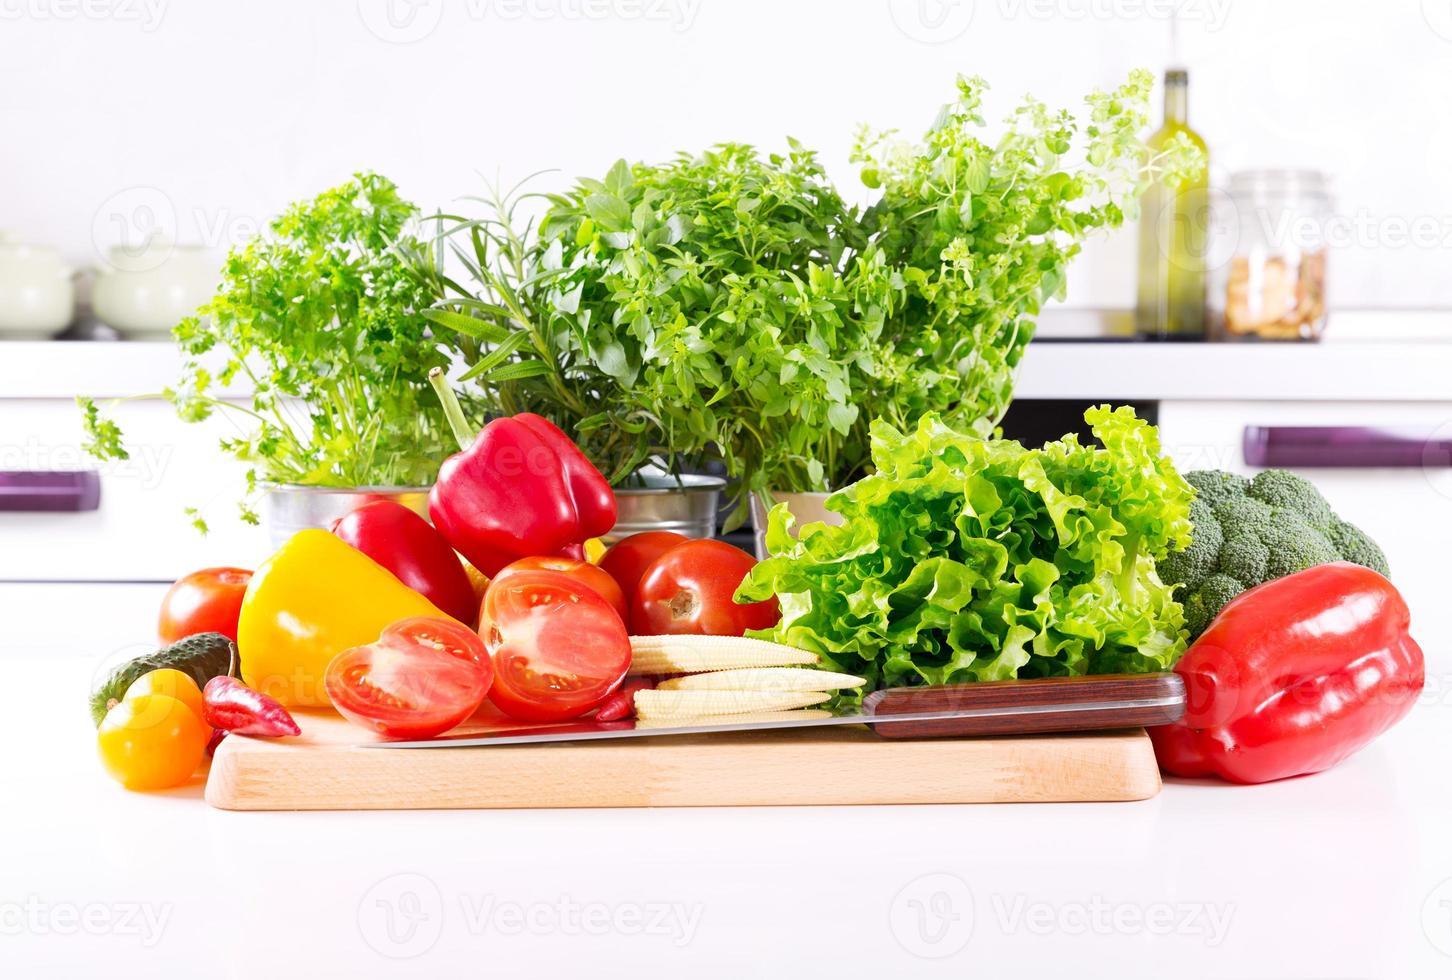 färska grönsaker i köket foto